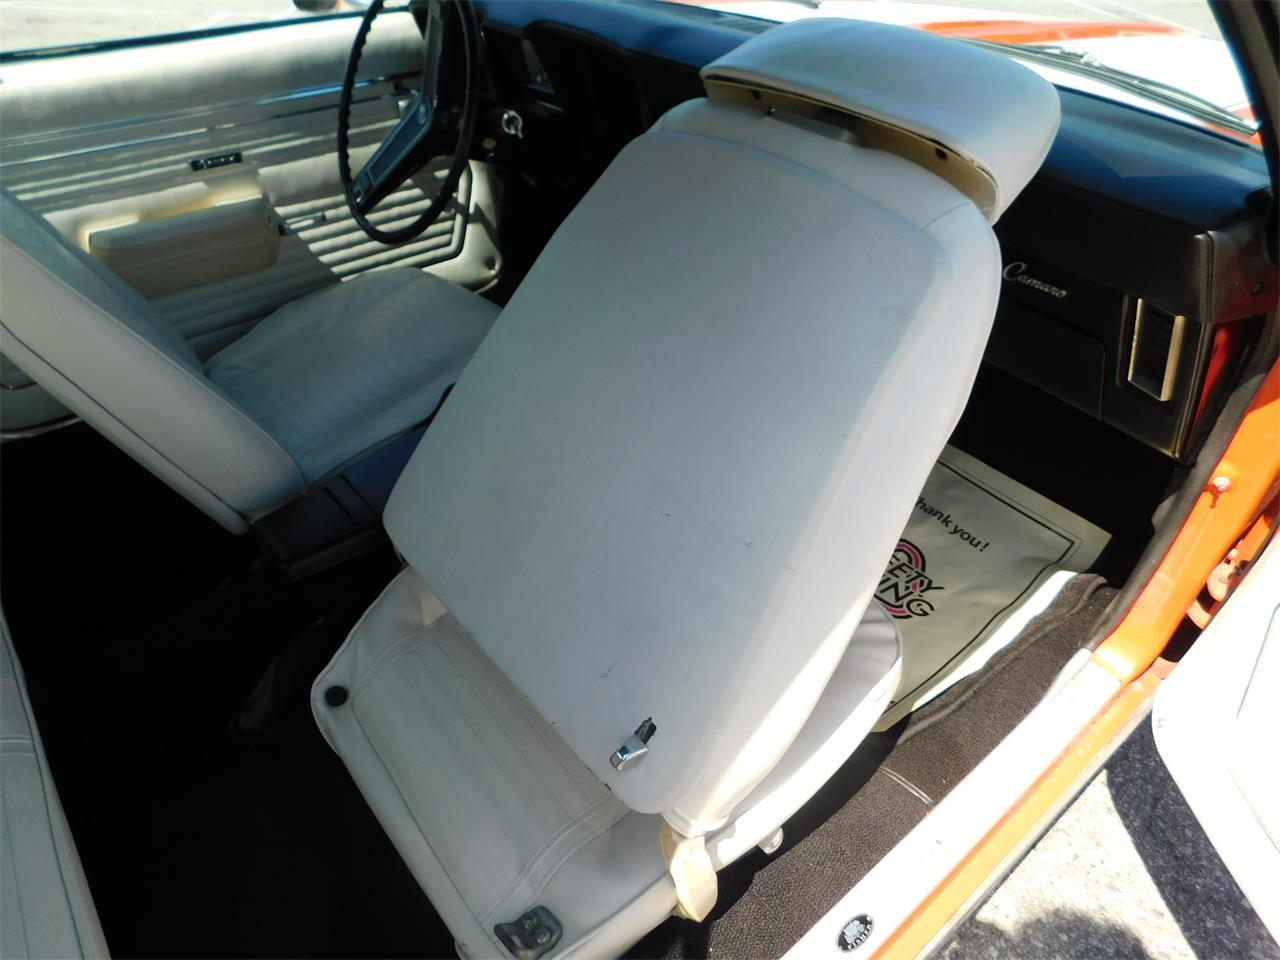 1967 Chevrolet Camaro Z28 (CC-1261741) for sale in TORRANCE, California